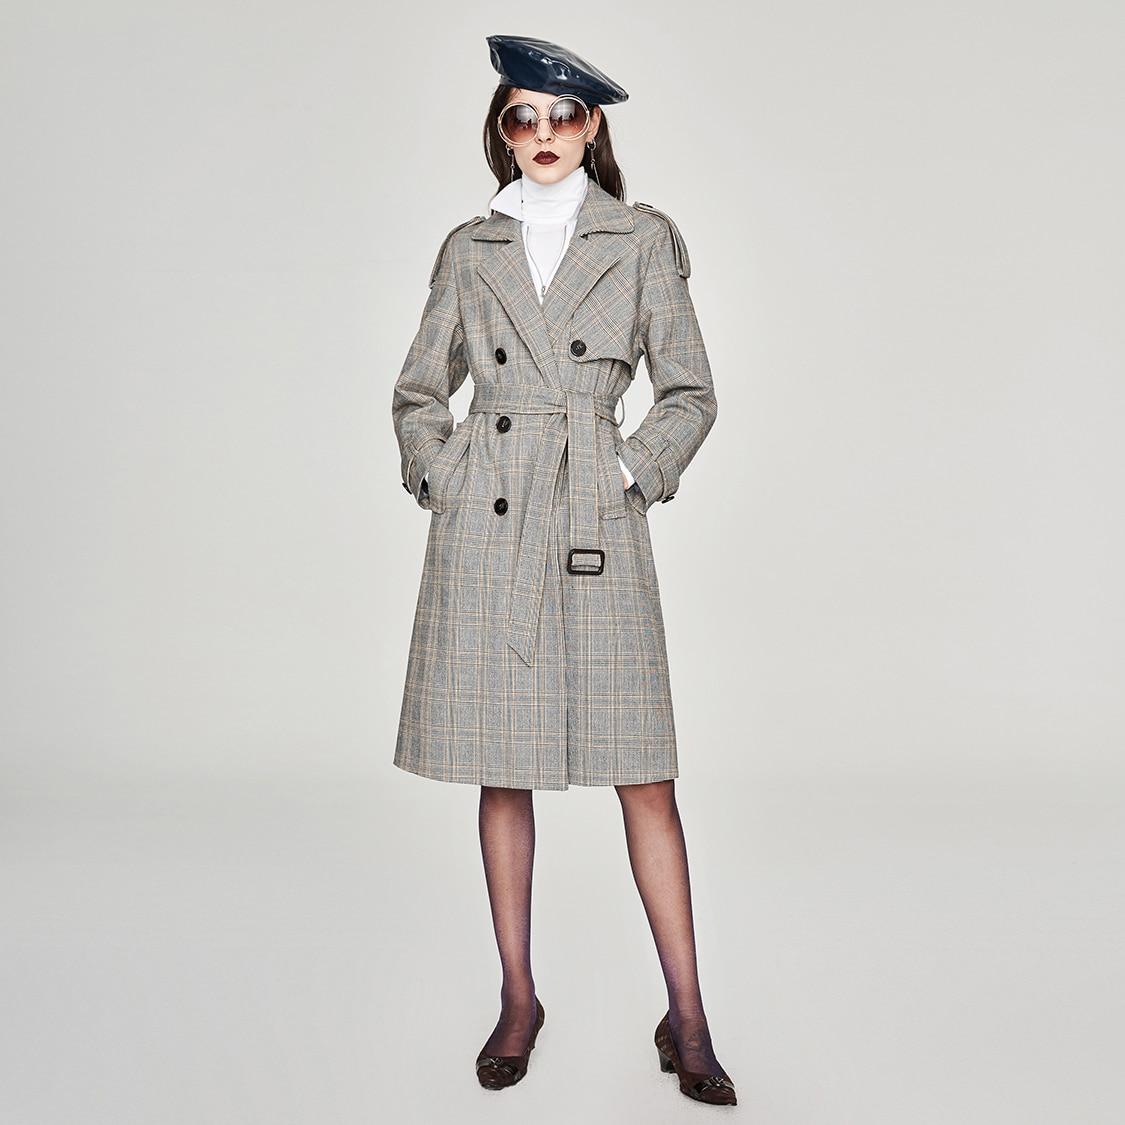 JAZZEVAR nowy 2019 jesienna moda ulicy na co dzień kobiet w stylu Vintage plaid podwójne piersi wykop płaszcz odzieży wysokiej jakości w Wełna i mieszanki od Odzież damska na  Grupa 2